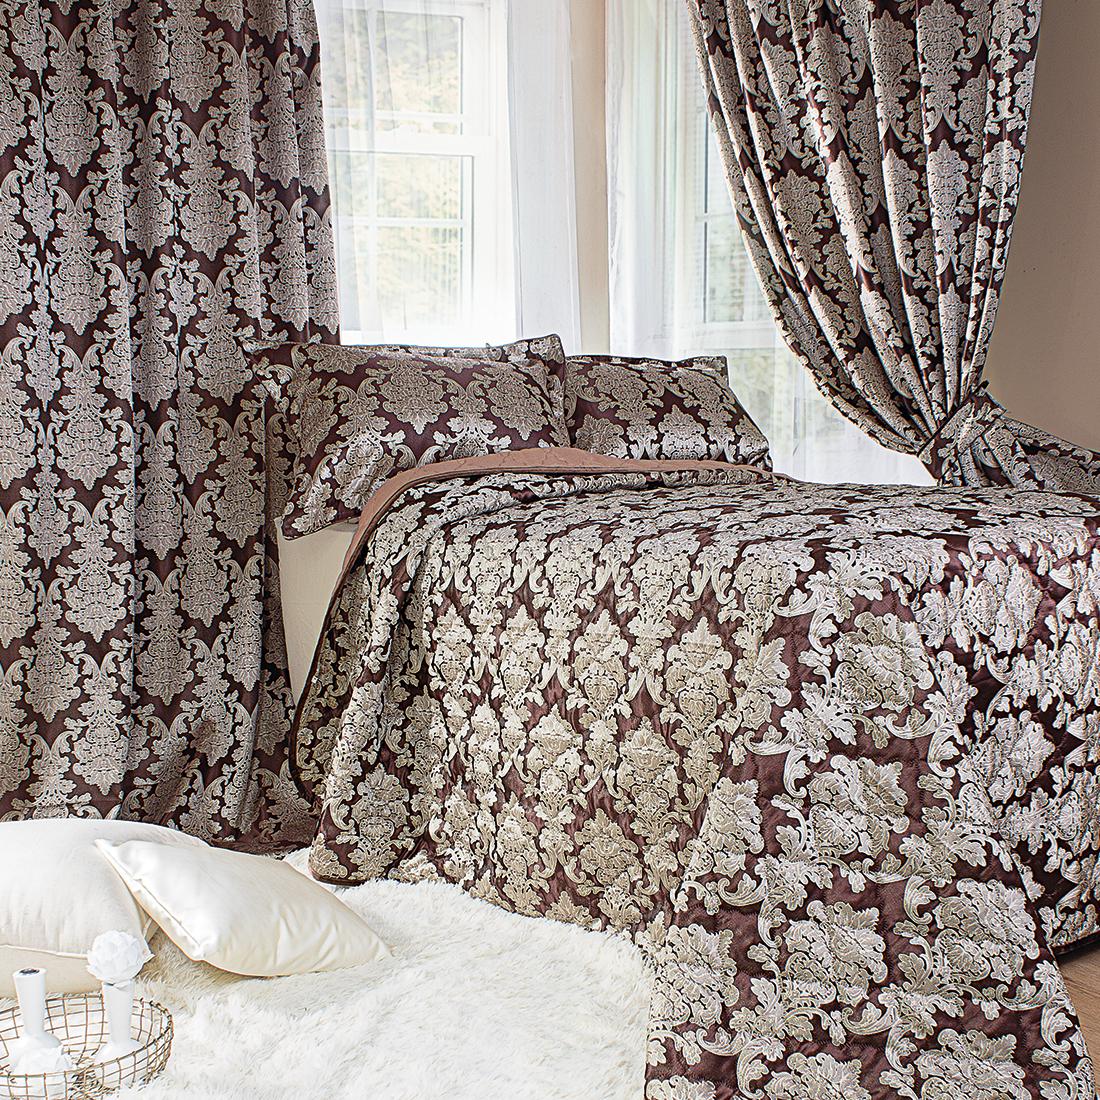 Комплект для спальни Мадмуазель Бато Лавуар: покрывало 240 х 260 см, 2 наволочки 50 х 70 см, шторы на ленте 270 х 170 см, цвет: темный шоколад портьеры алор к голубой